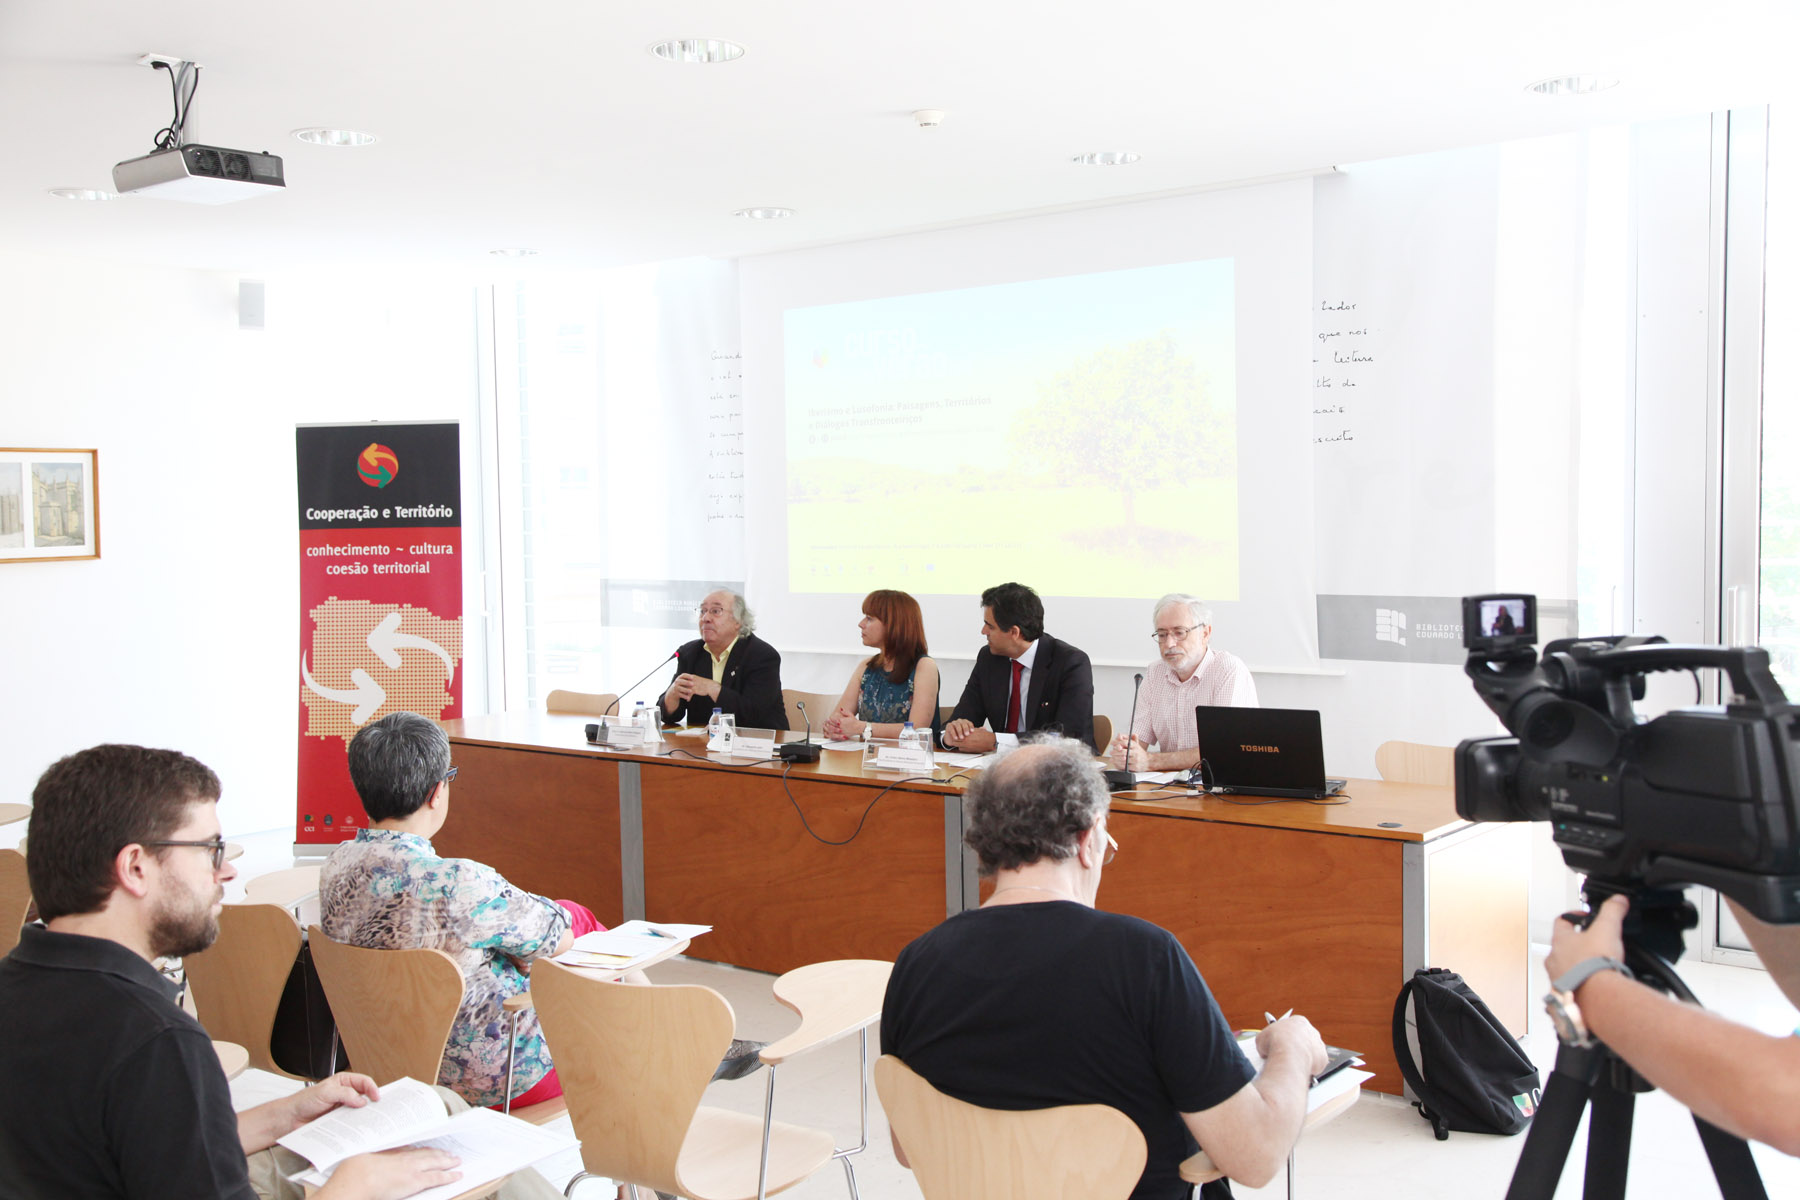 El Centro de Estudios Ibéricos organiza un curso sobre Iberismo y Lusofonía